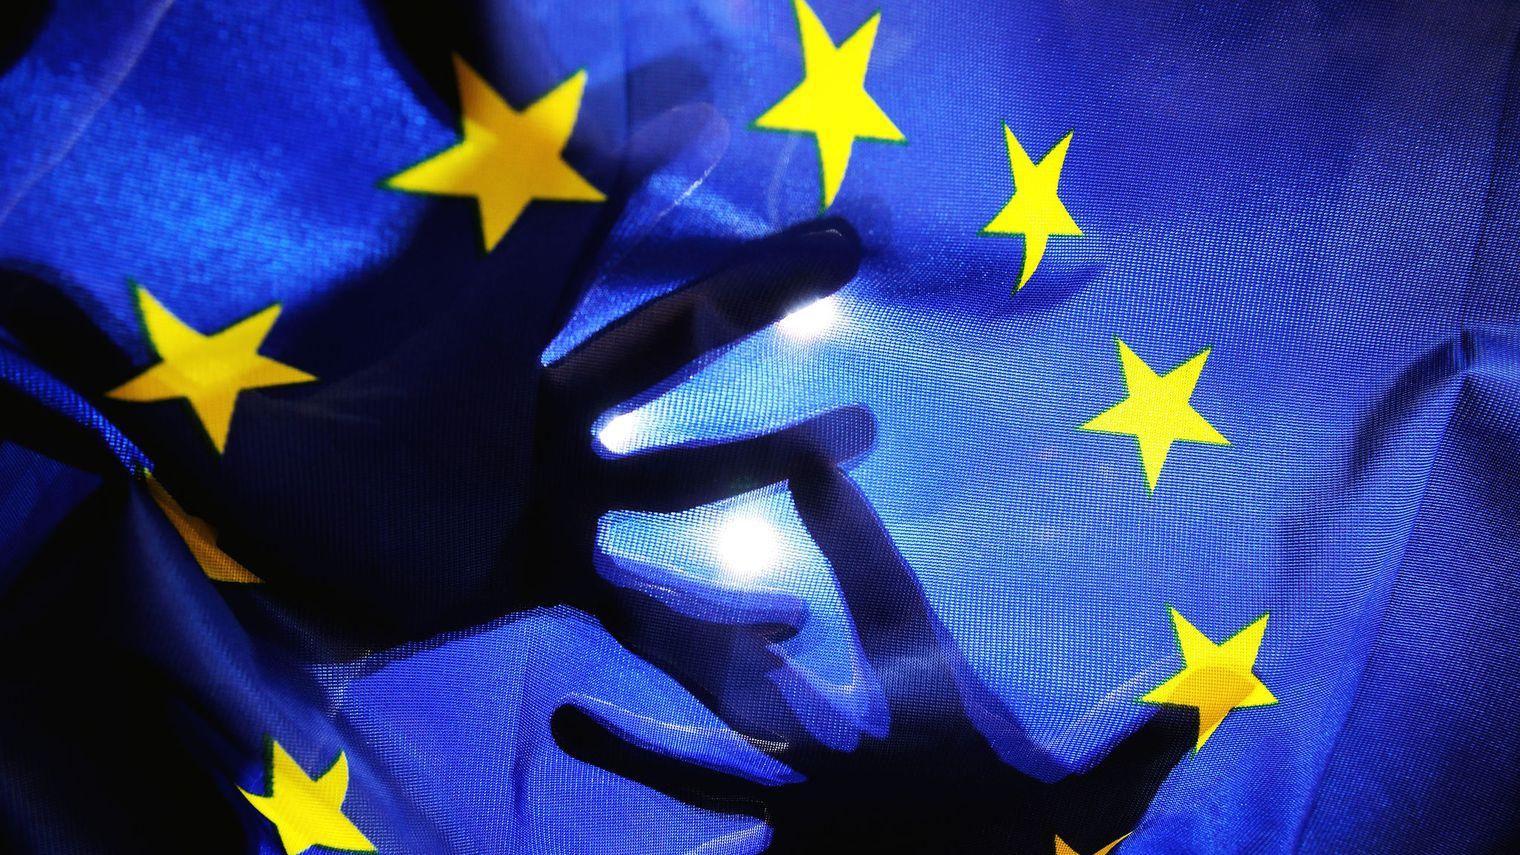 Quel pays le Parlement européen a-t-il fustigé pour cause d'une dégradation des droits de l'homme ?